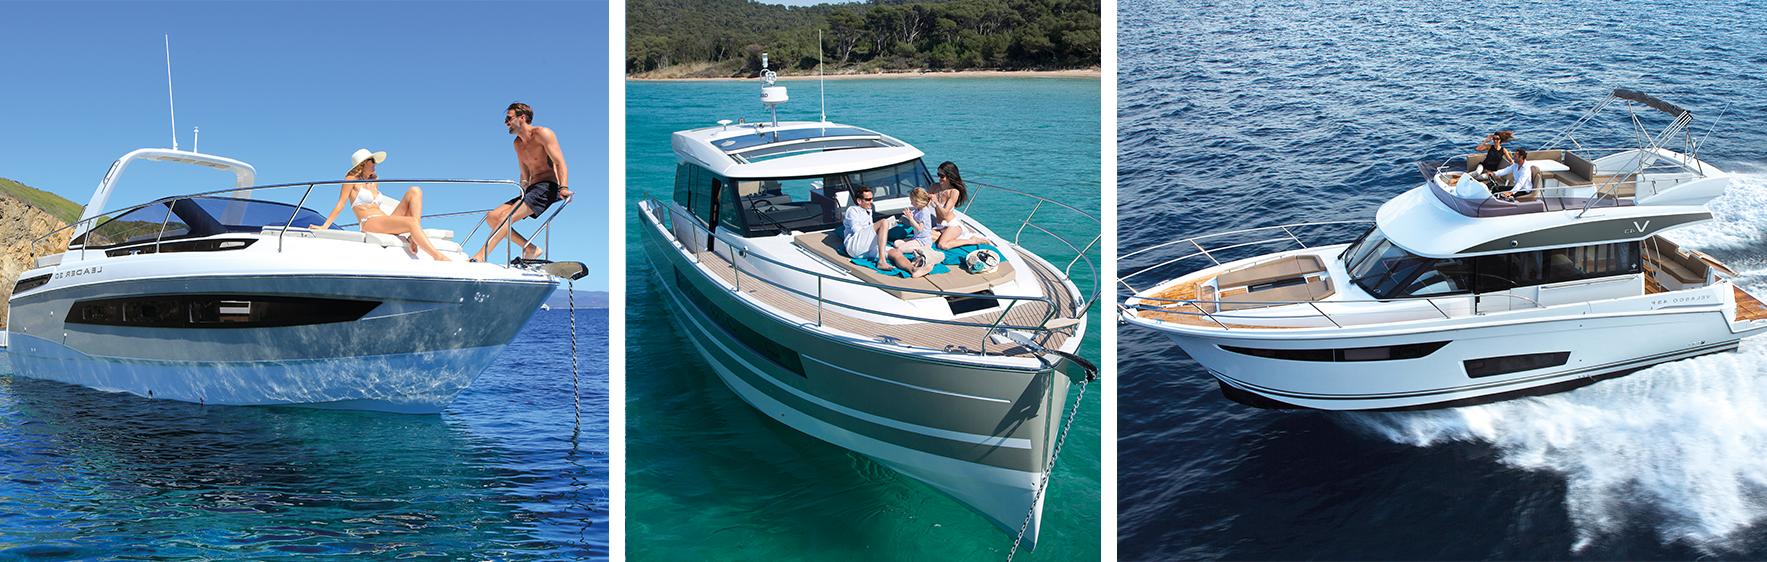 Jeanneau inboard powerboats